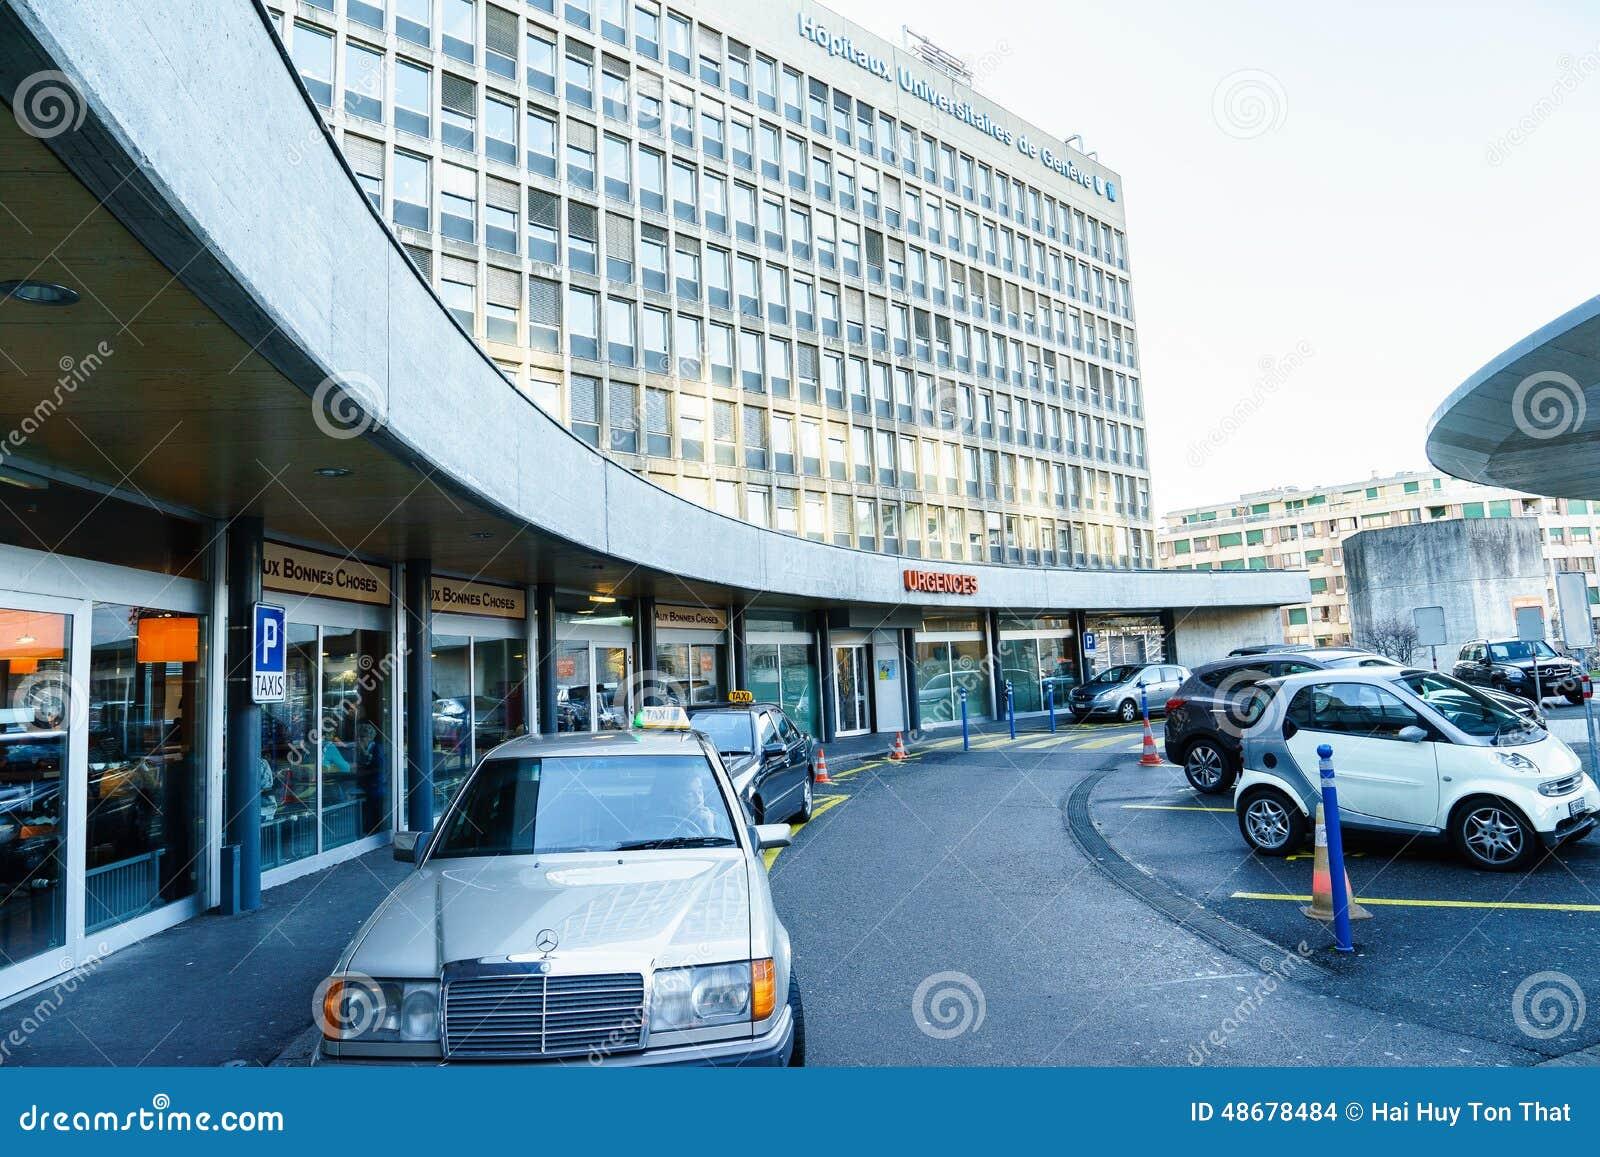 University Hospital Of Geneva Editorial Stock Image - Image